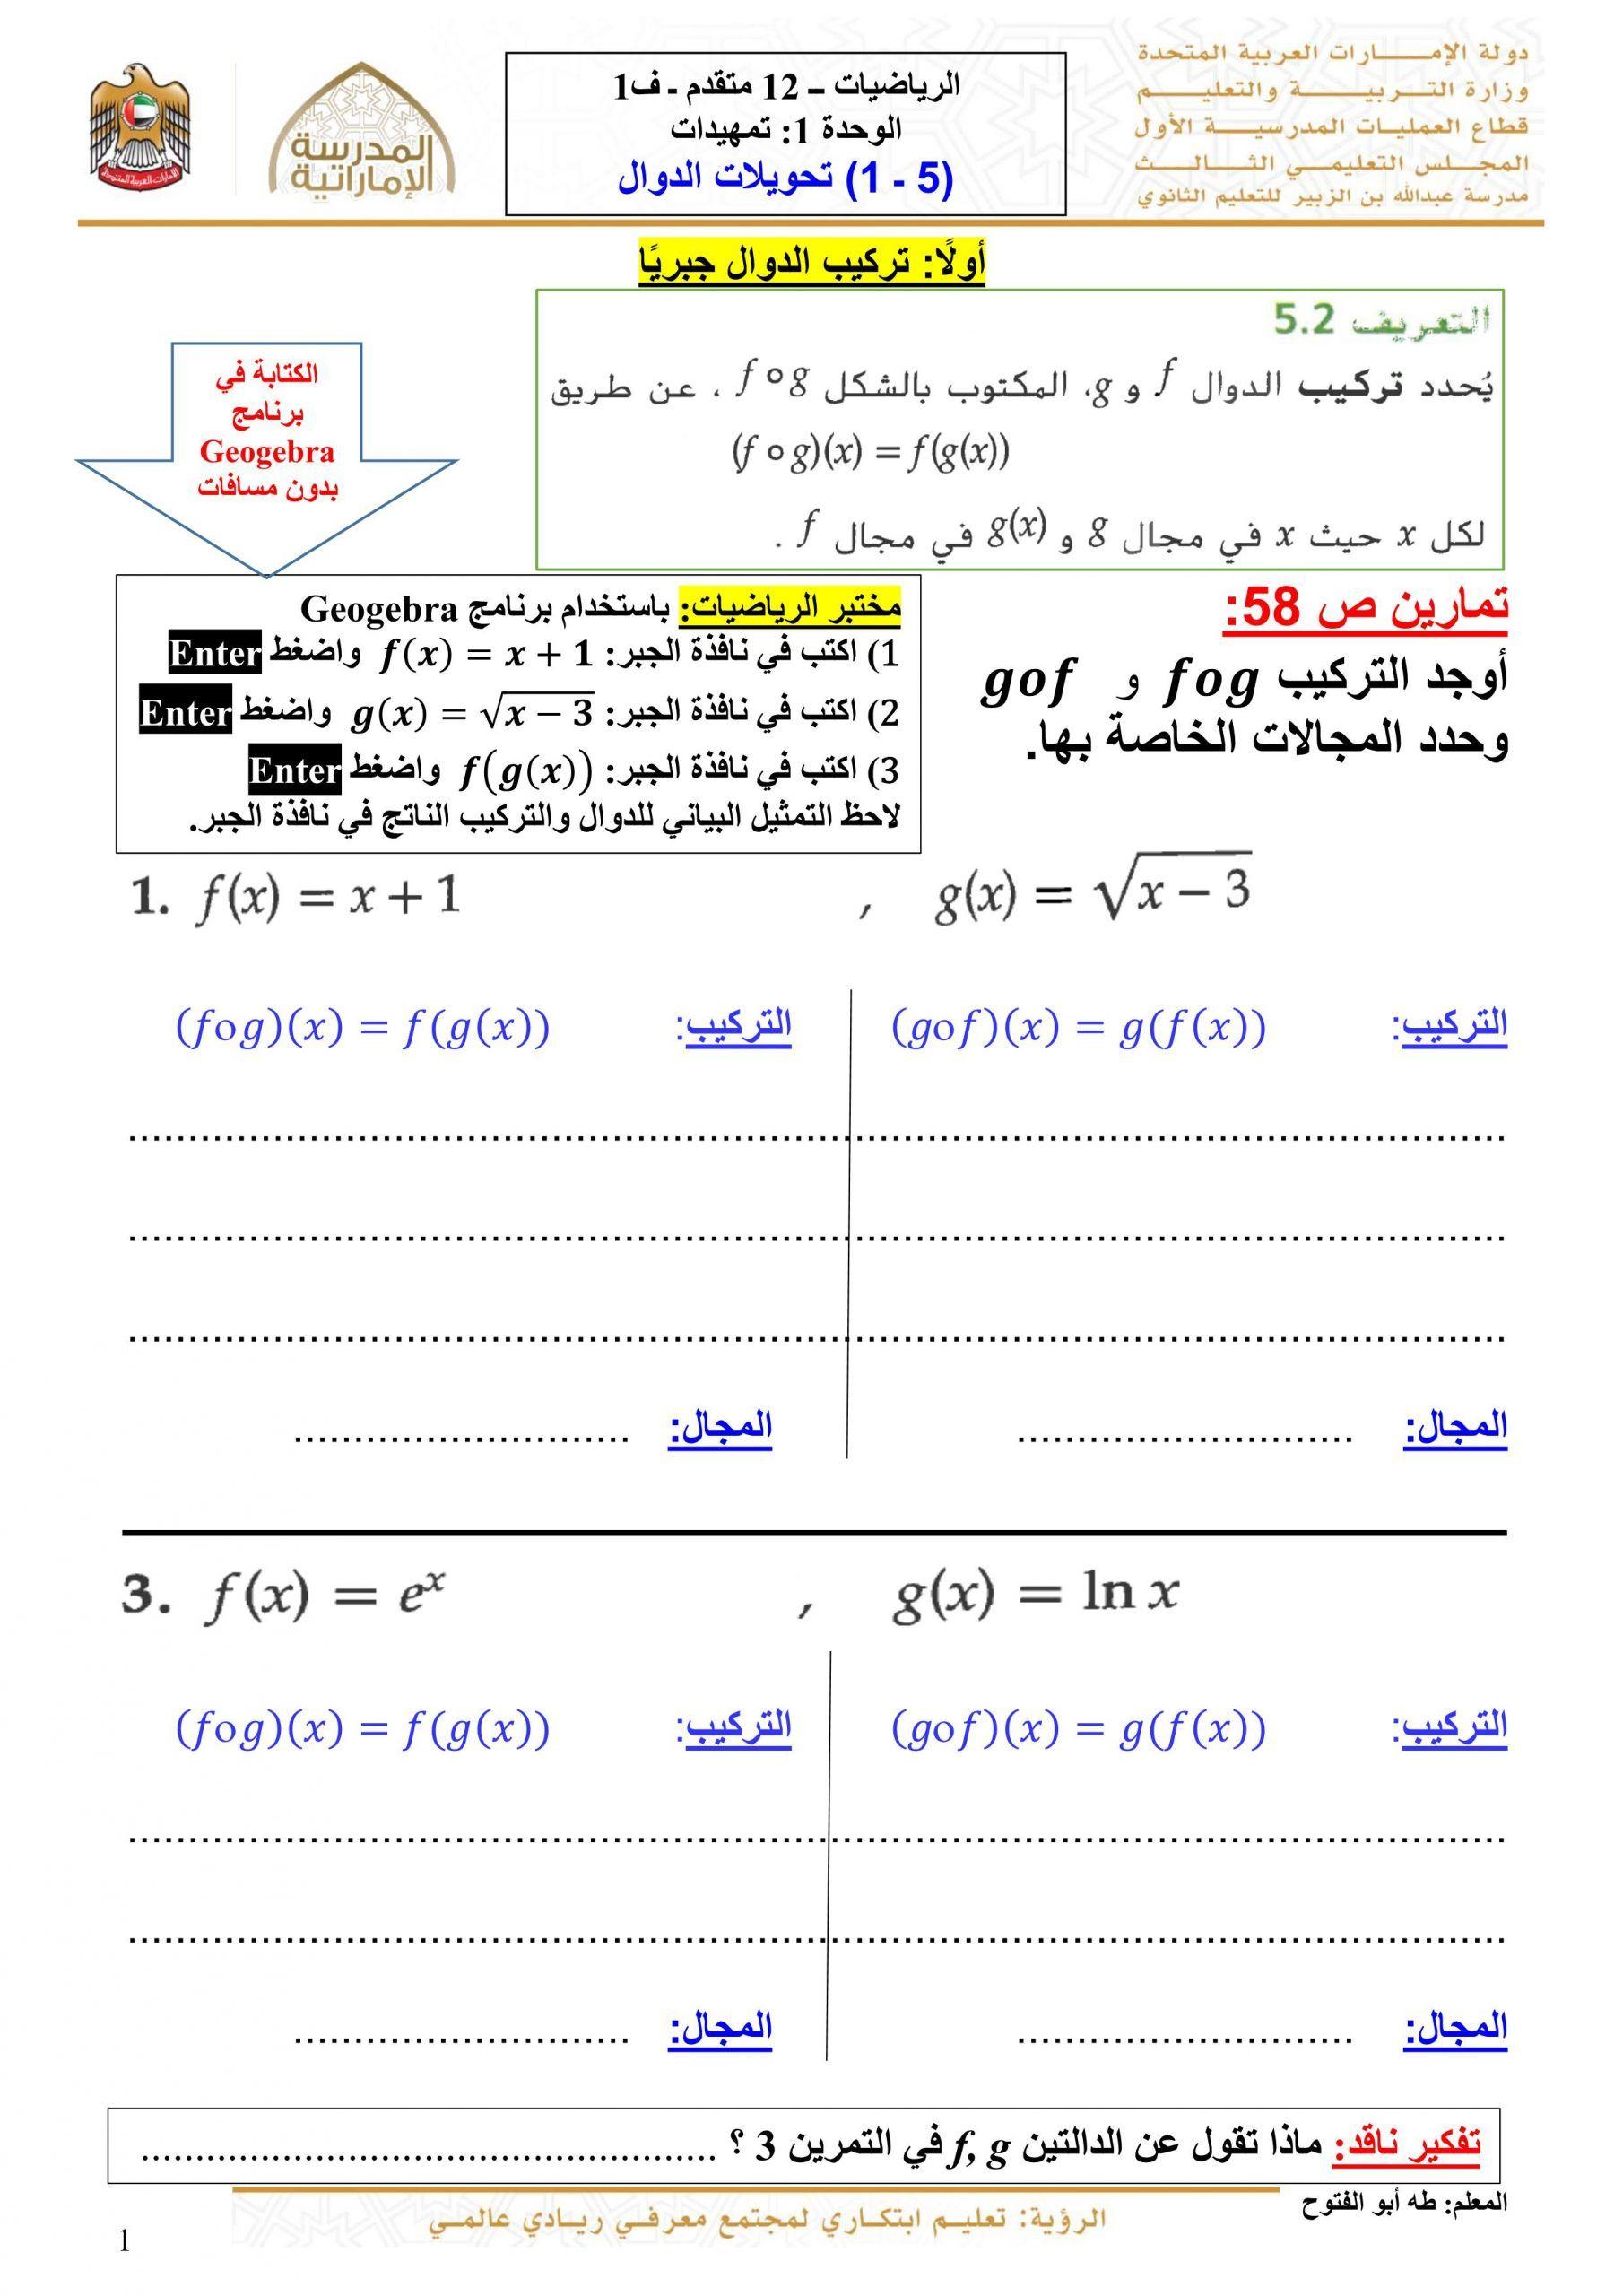 اوراق عمل تحويلات الدوال للصف الثاني عشر متقدم مادة الرياضيات المتكاملة Bullet Journal Journal